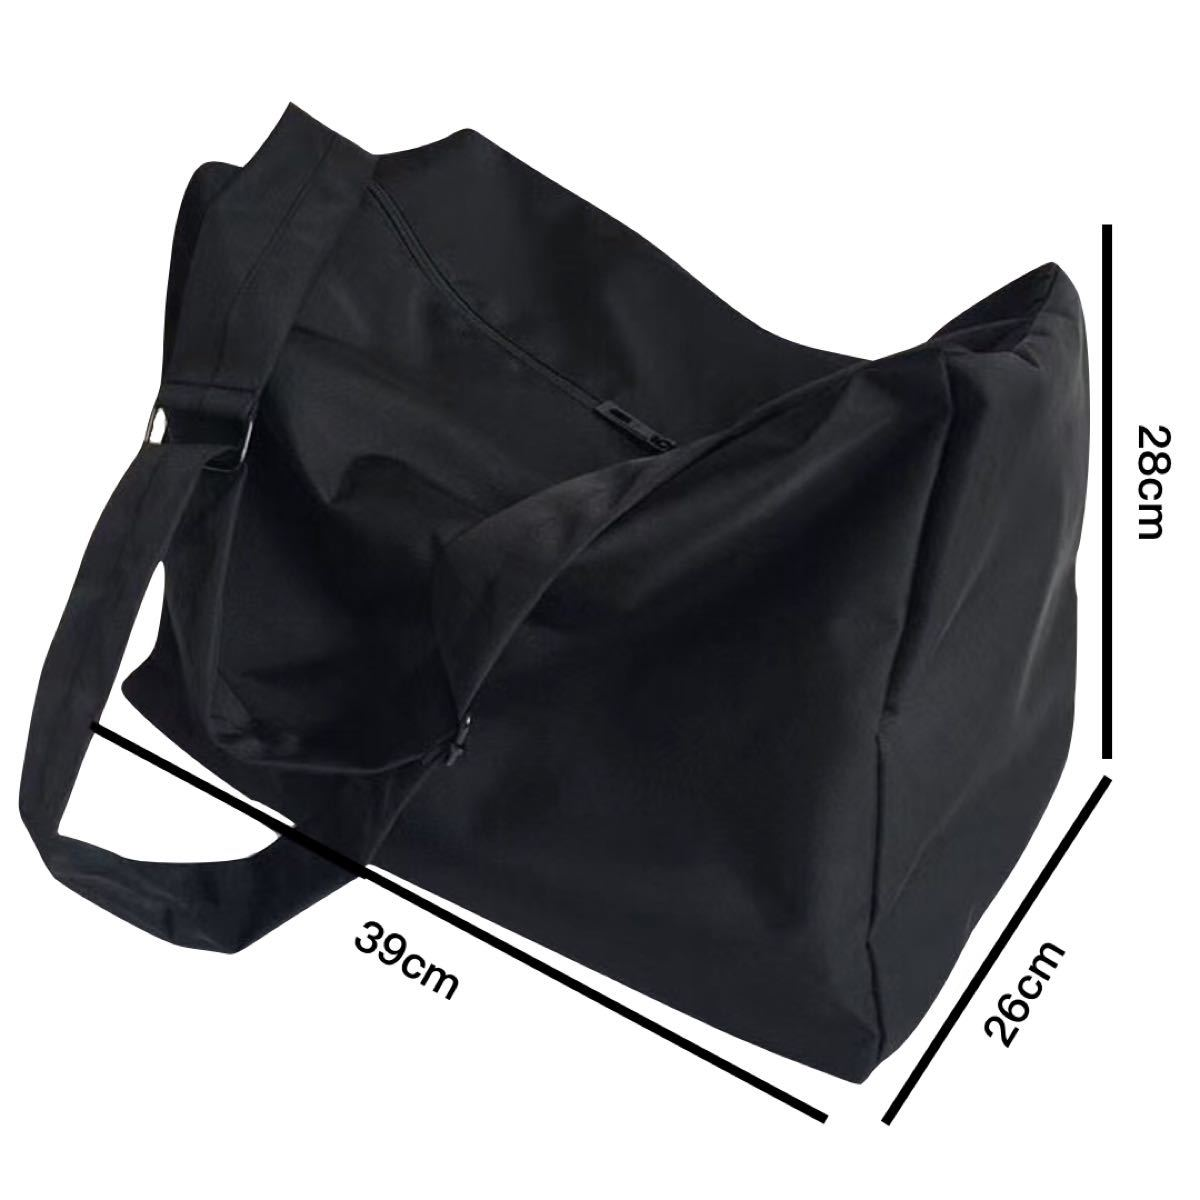 メッセンジャーバッグ ショルダーバッグ レディース 大容量 大きめ トートバッグ シンプル 無地 ショルダー エコバッグ